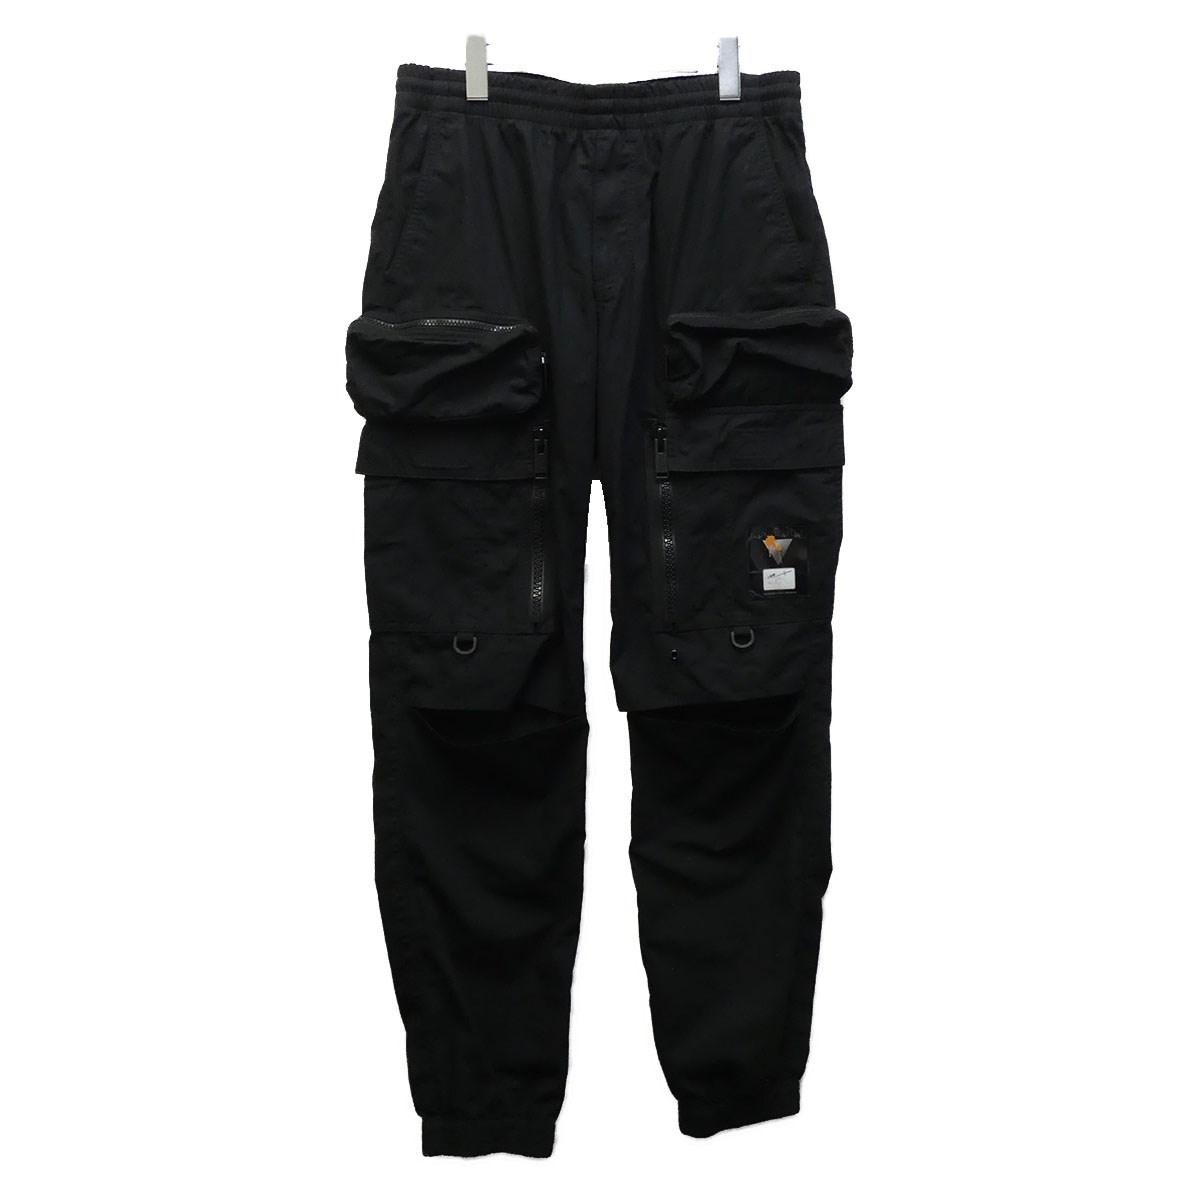 【中古】UNDERCOVER UCW4501 19SS ウェザーアーミーパンツ ブラック サイズ:3 【060720】(アンダーカバー)